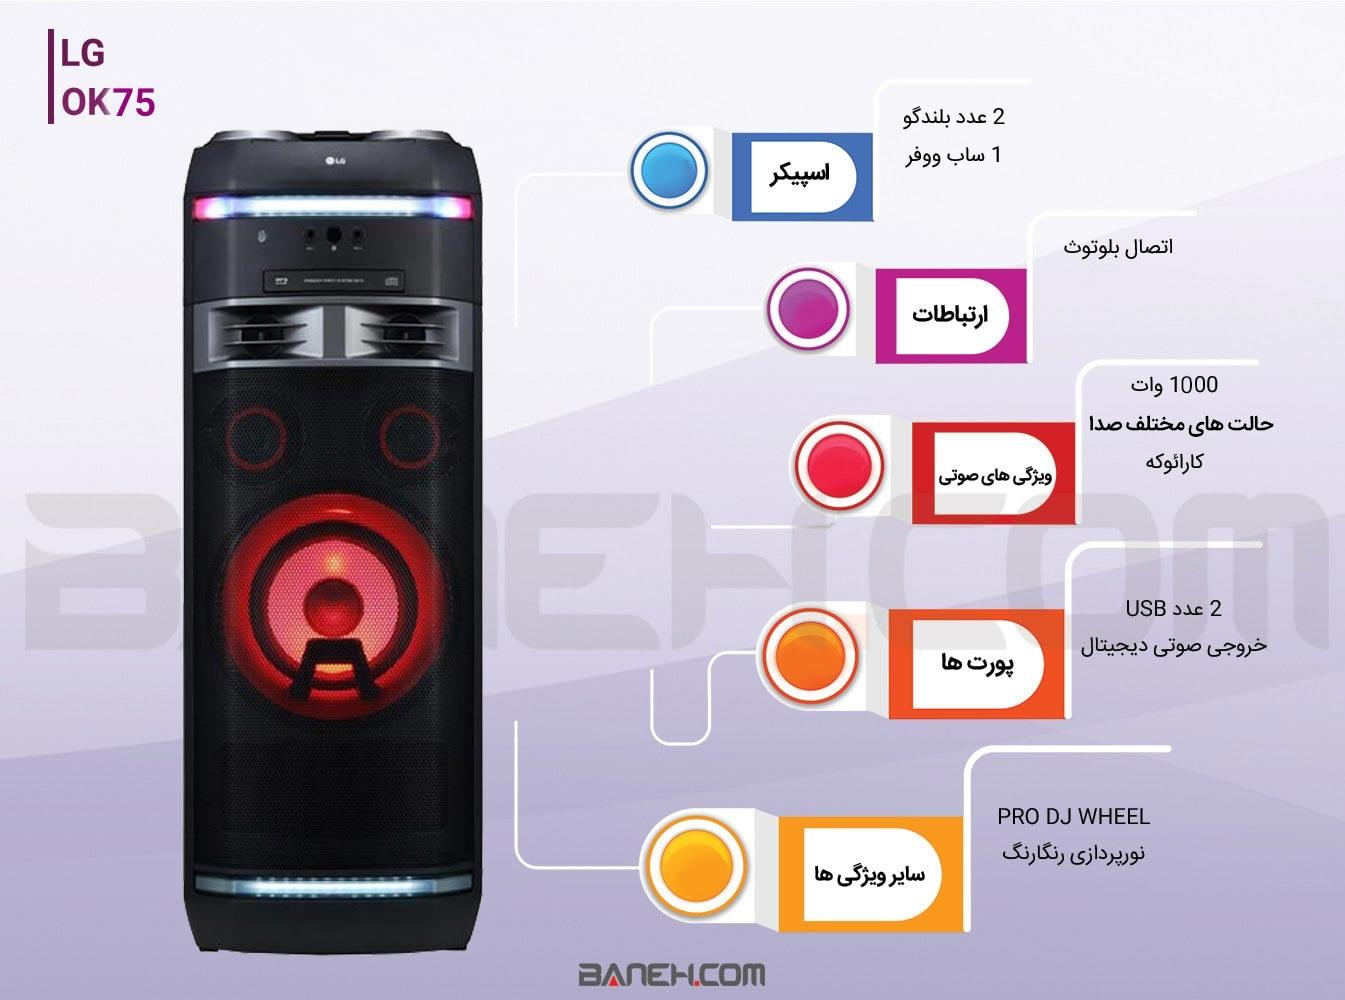 اینفوگرافی سیستم صوتی ال جی OK75